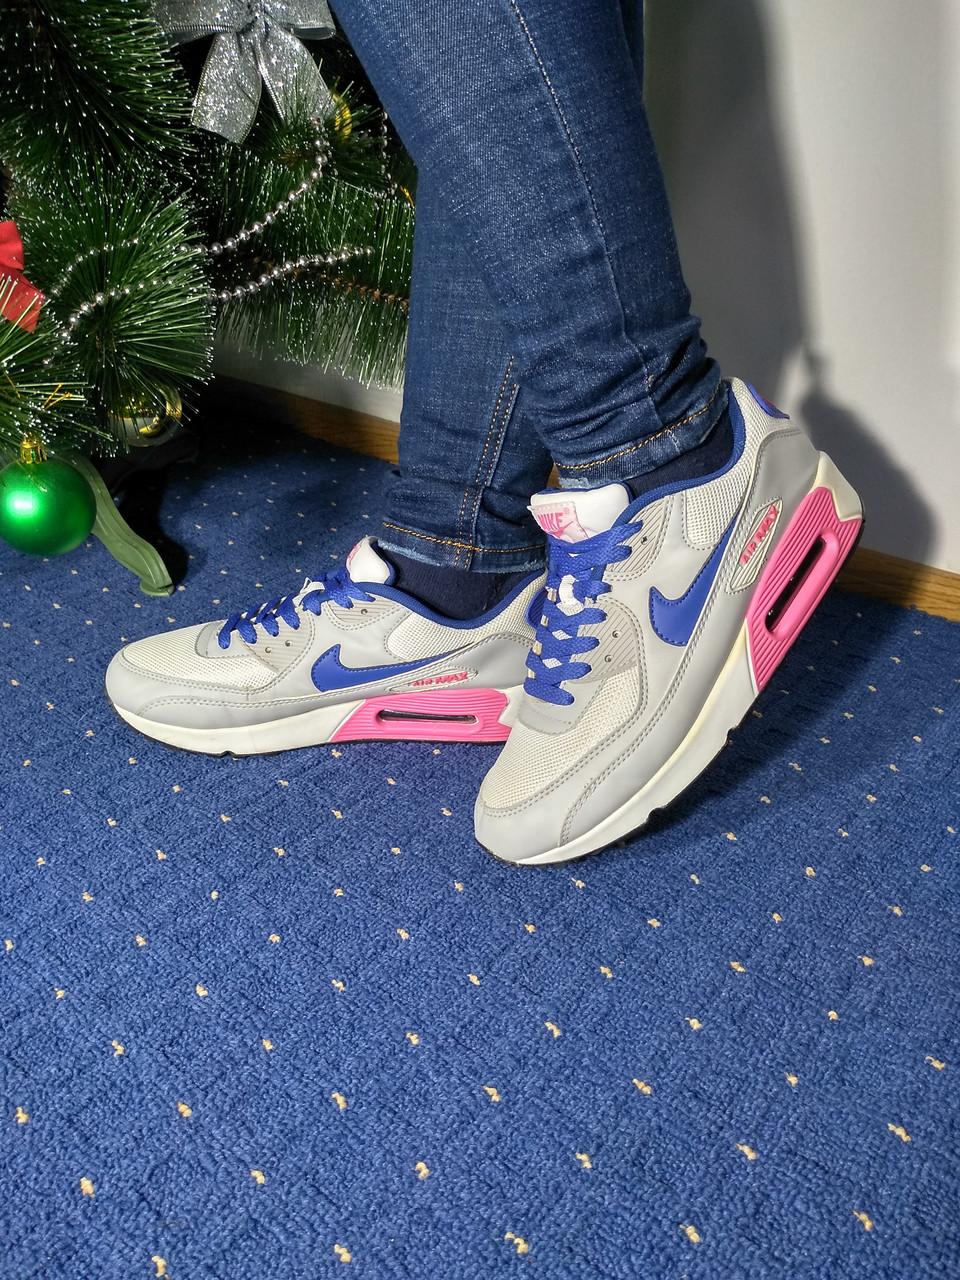 Беговые кроссовки Nike Air Max 90 (40 размер) бу - Интернет-магазин обуви fbf3482c57c